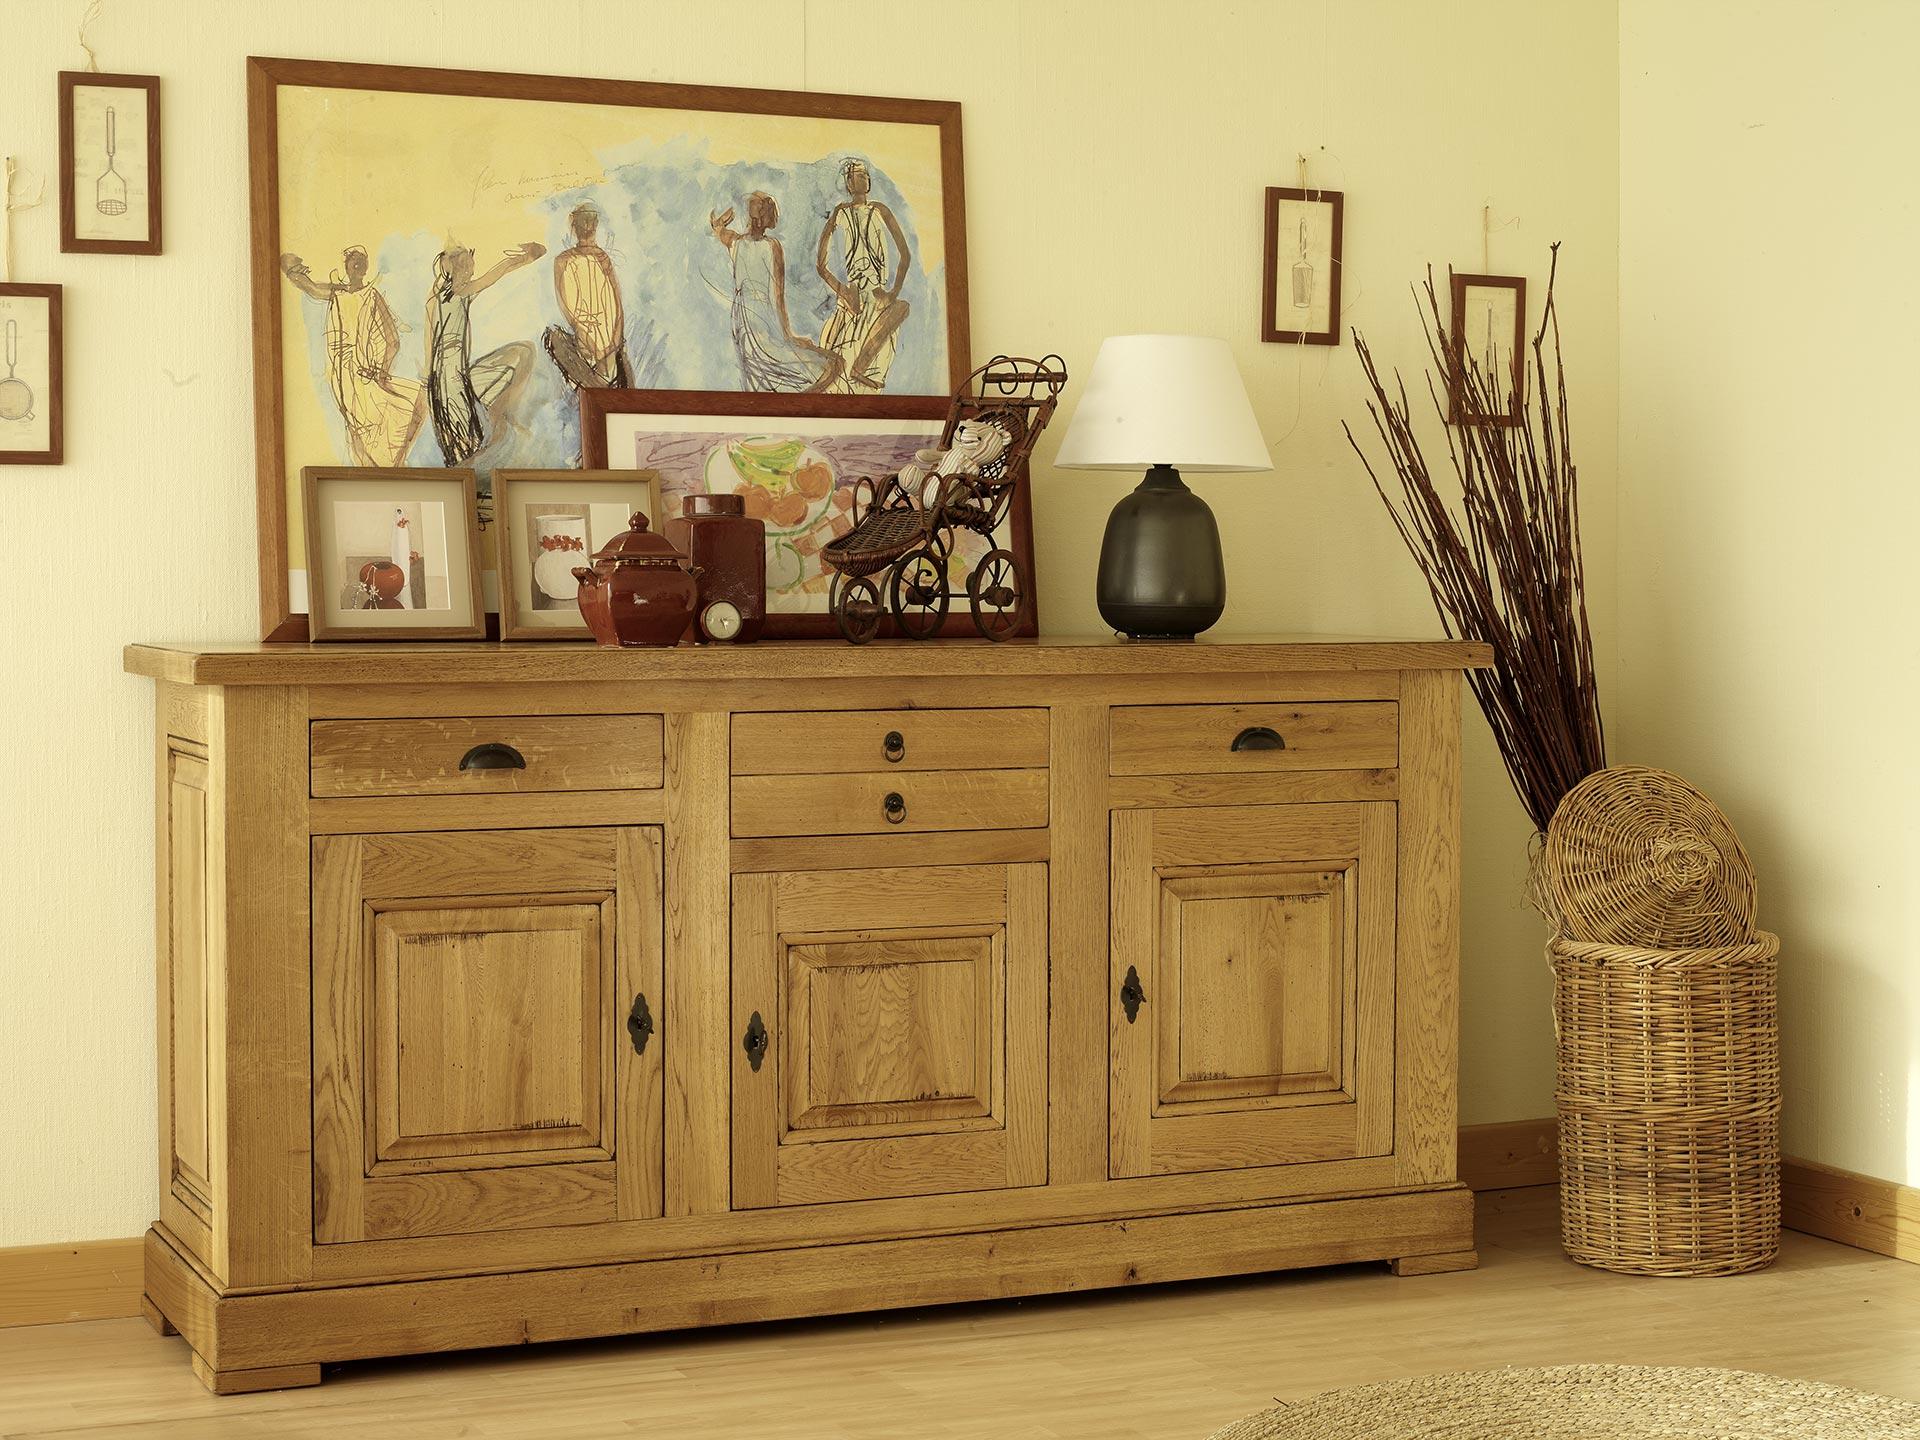 pour une ambiance de style campagne privilegier des meubles en bois massif alliant charme et authenticite avec des lignes simples pour garder l esprit